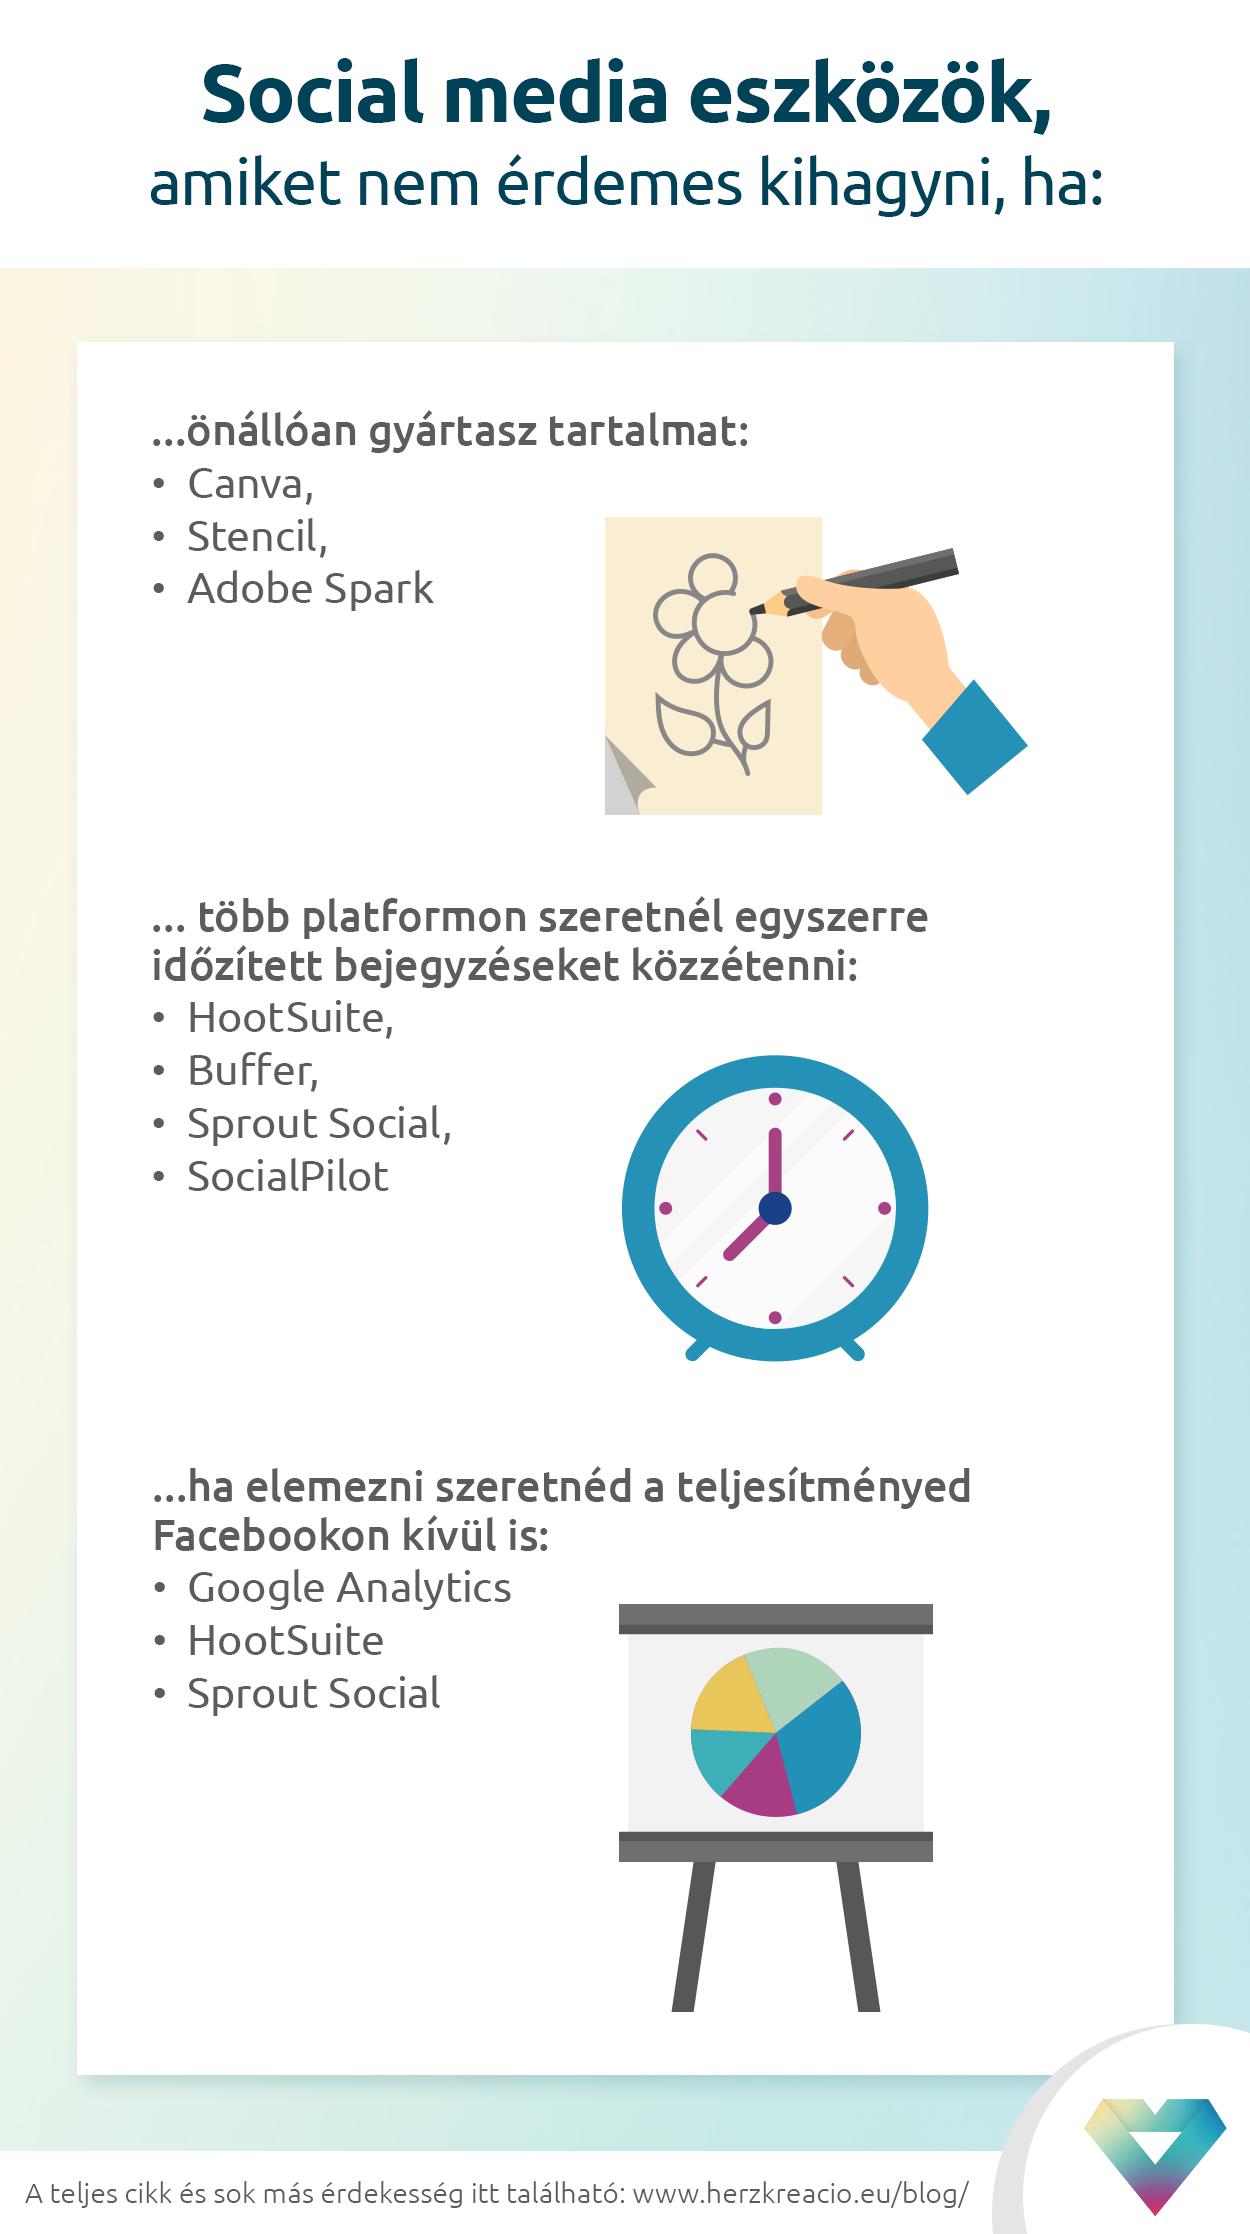 social media eszközök infografika